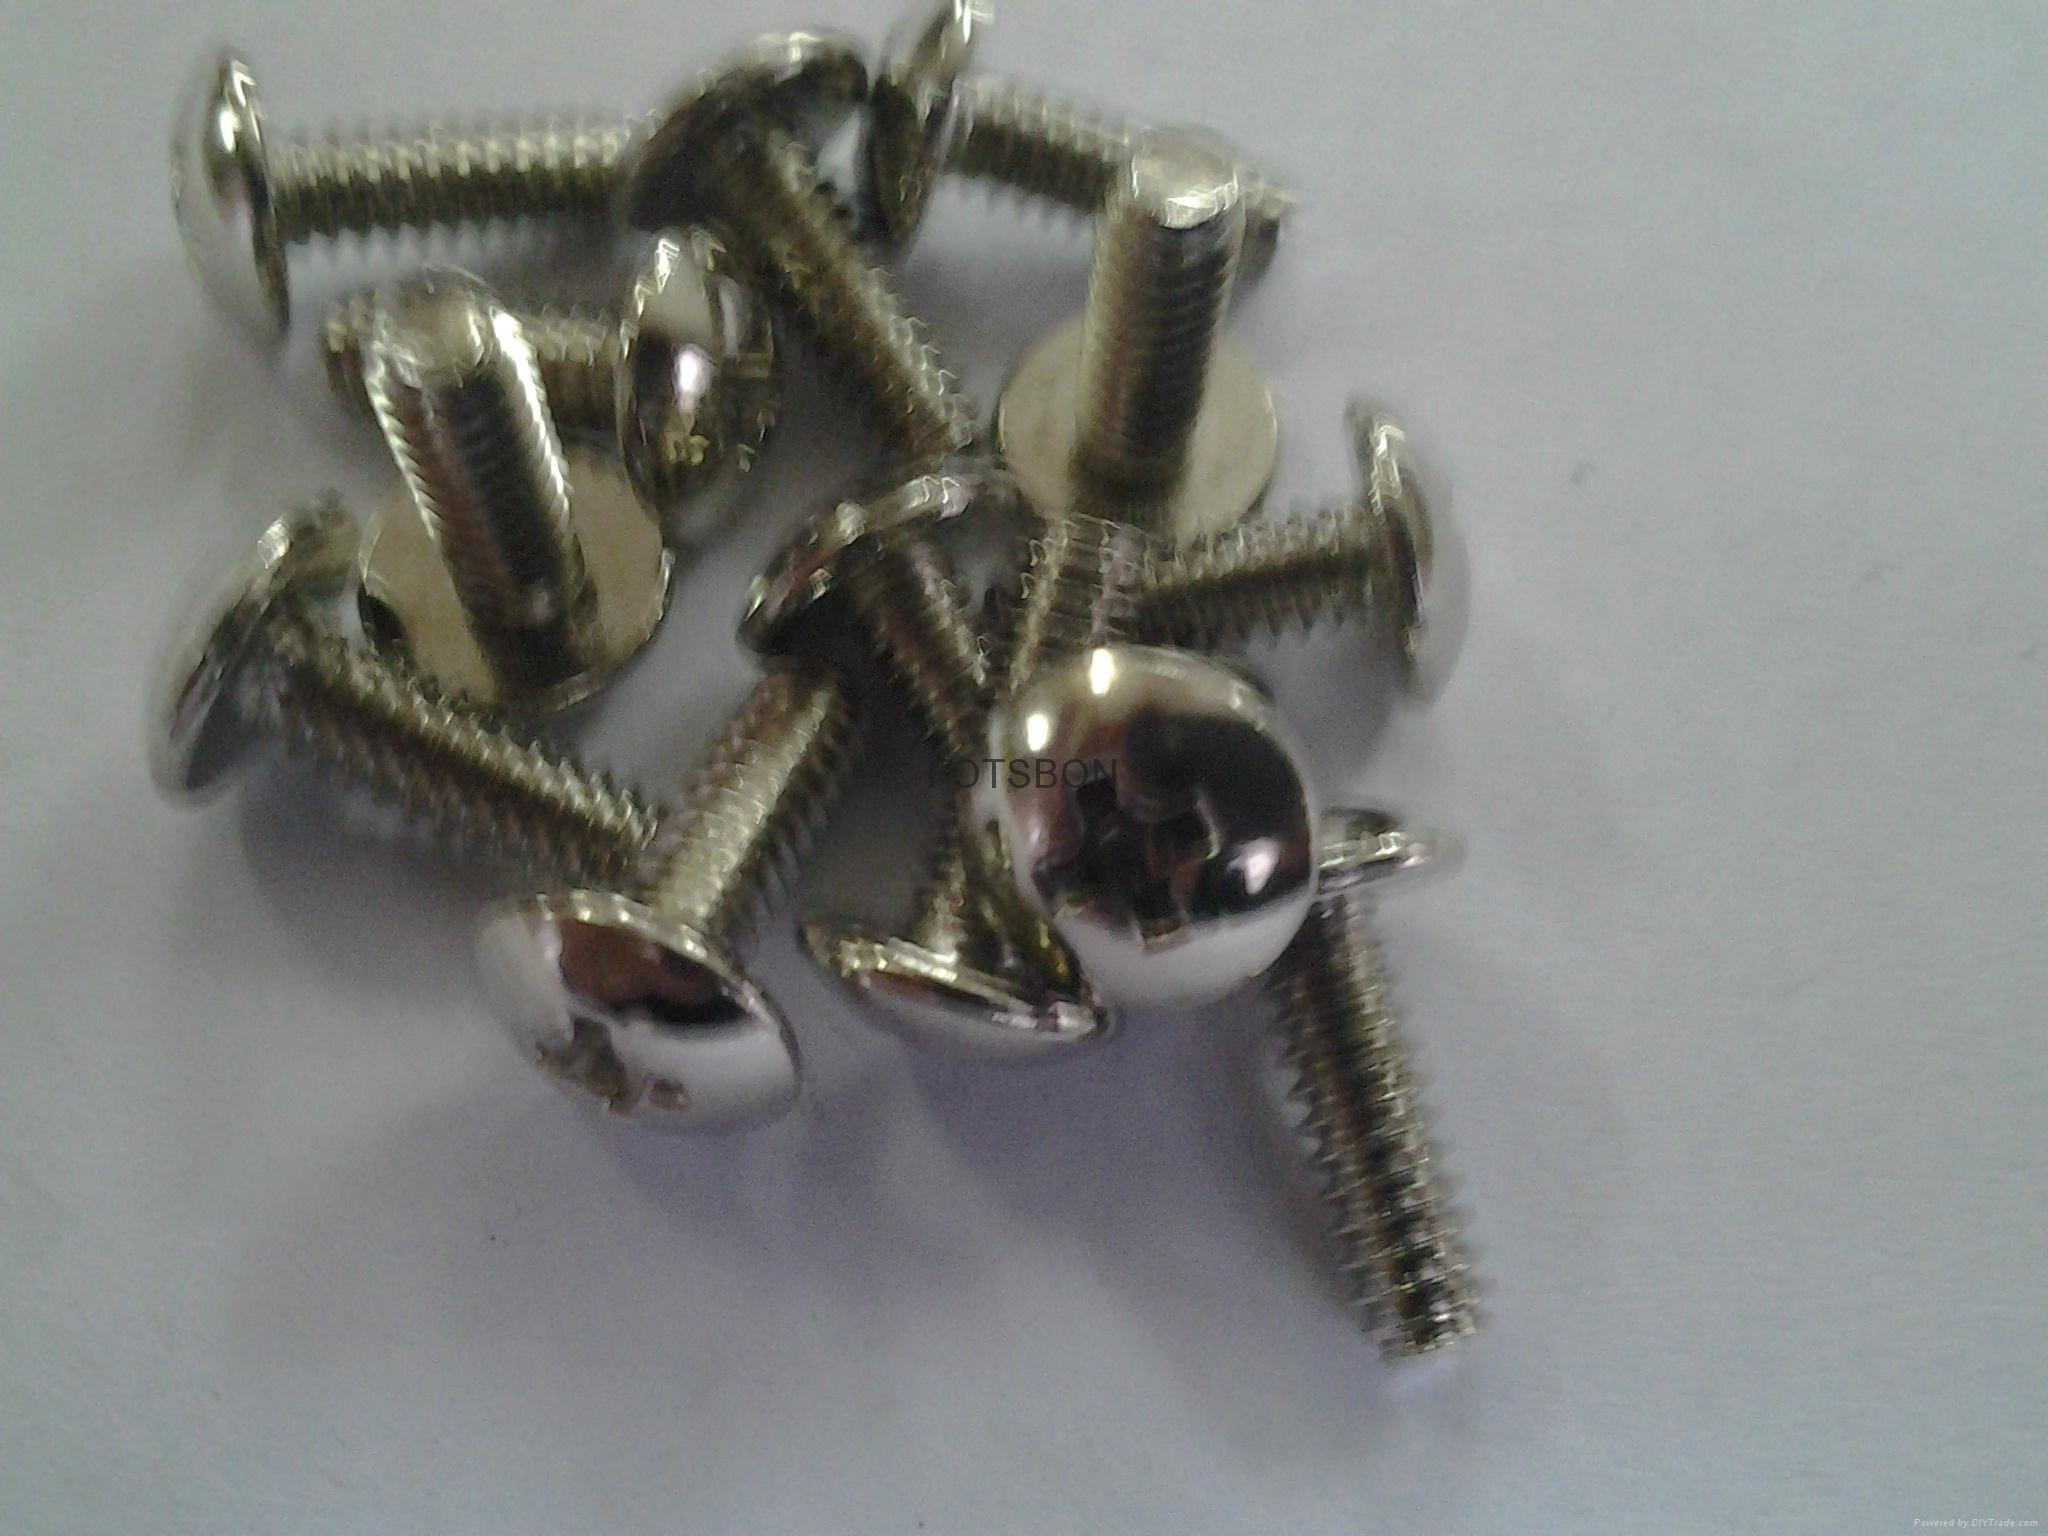 十字盤頭螺釘GB818 ,碳鋼和不鏽鋼,機械螺紋, 2